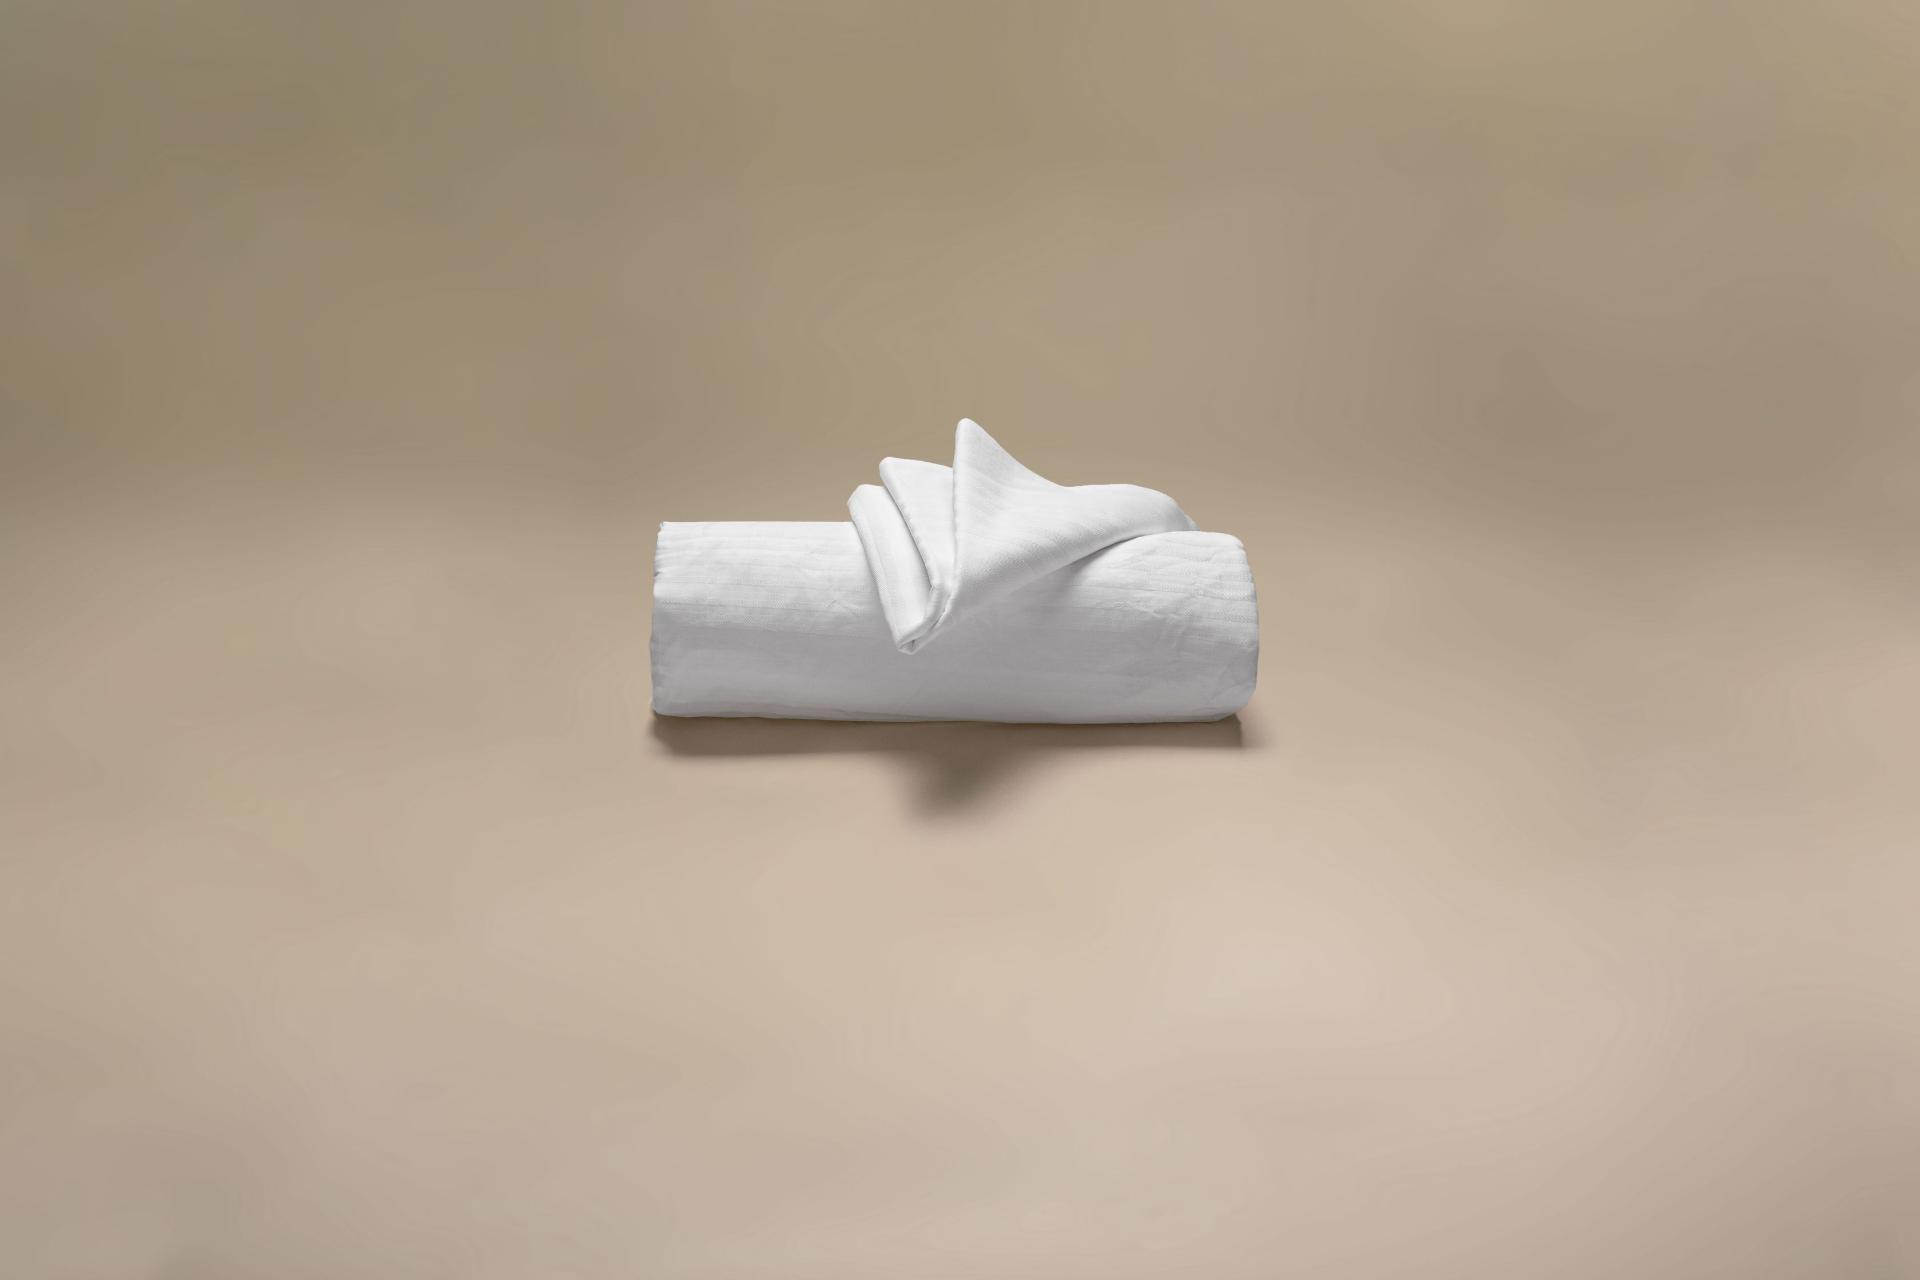 copricuscino coprimaterasso in raso di cotone sanforizzato a cappuccio